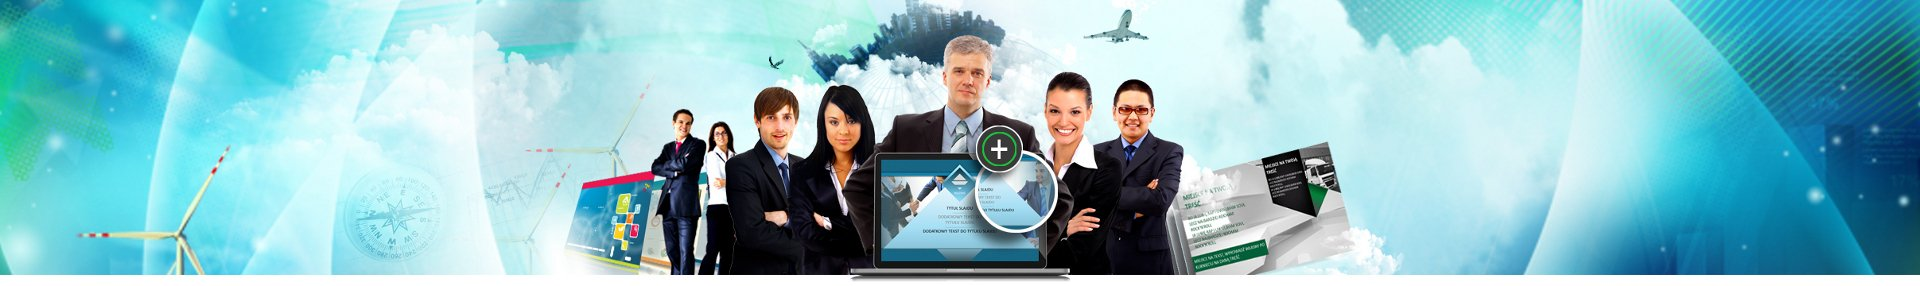 Baner profesjonalne prezentacje dla firm